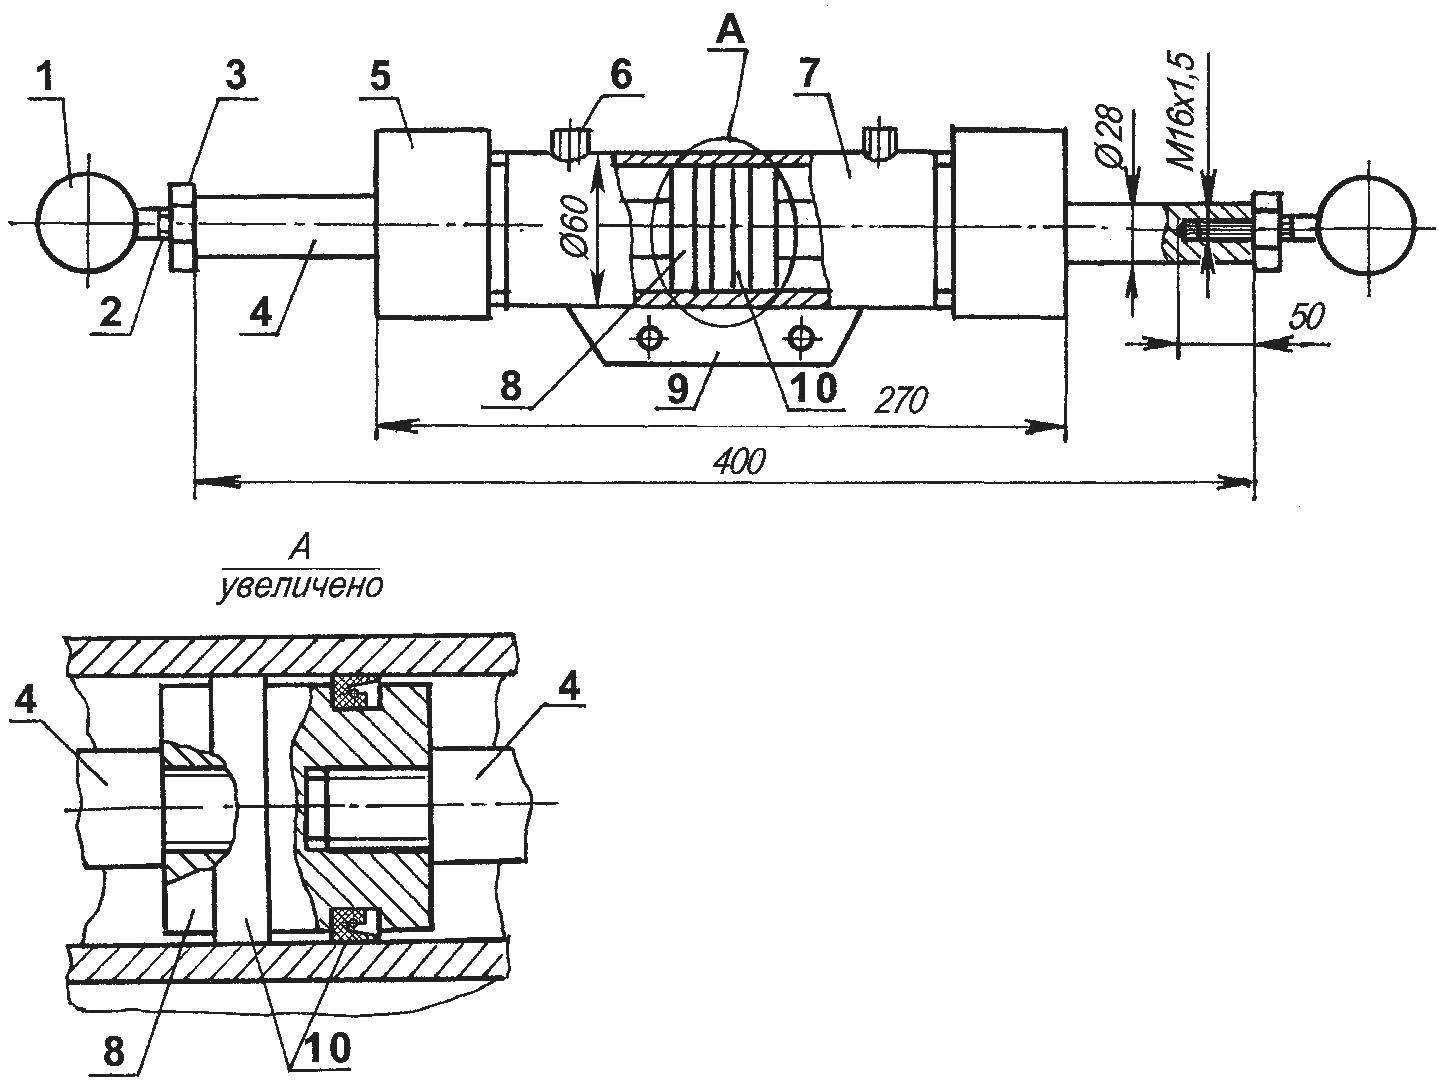 Рис. 6. Гидроцилиндр рулевого механизма